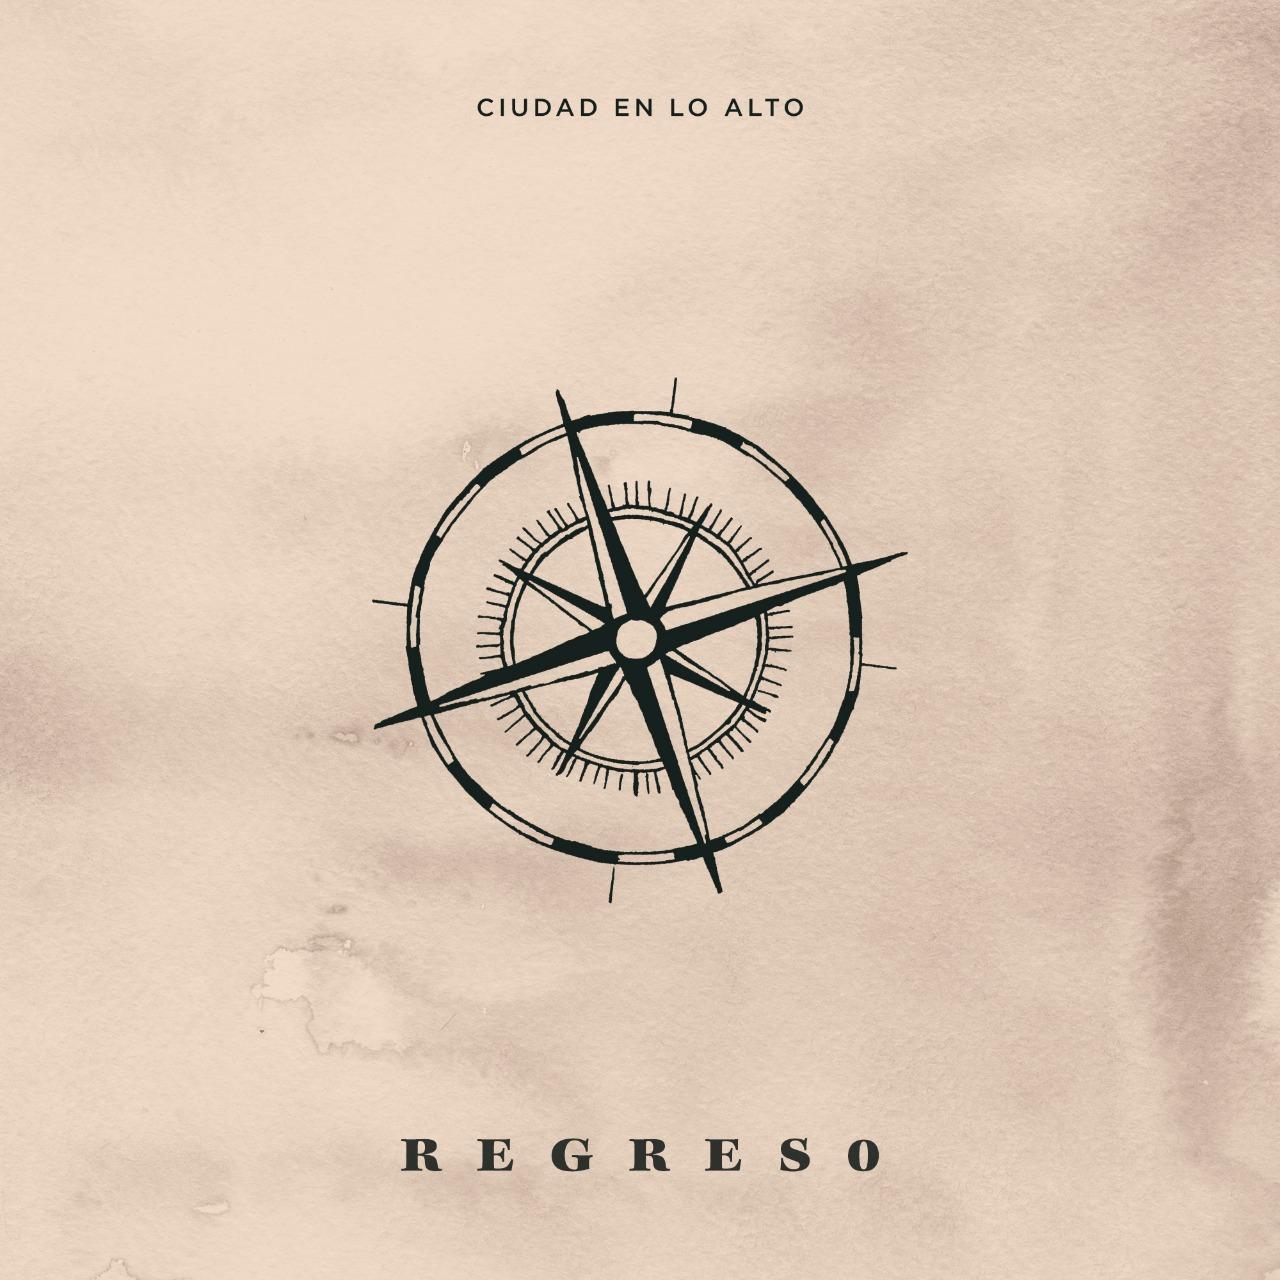 """REGRESO (2019) - """"Regreso"""" es el primer sencillo de la banda luego de casi 3 años de separación. Esta canción marca el inicio de una nueva etapa de varios sencillos mensuales y está basada en el concepto del regreso al primer amor en Apocalípsis 2.ESCÚCHALO EN SPOTIFY"""